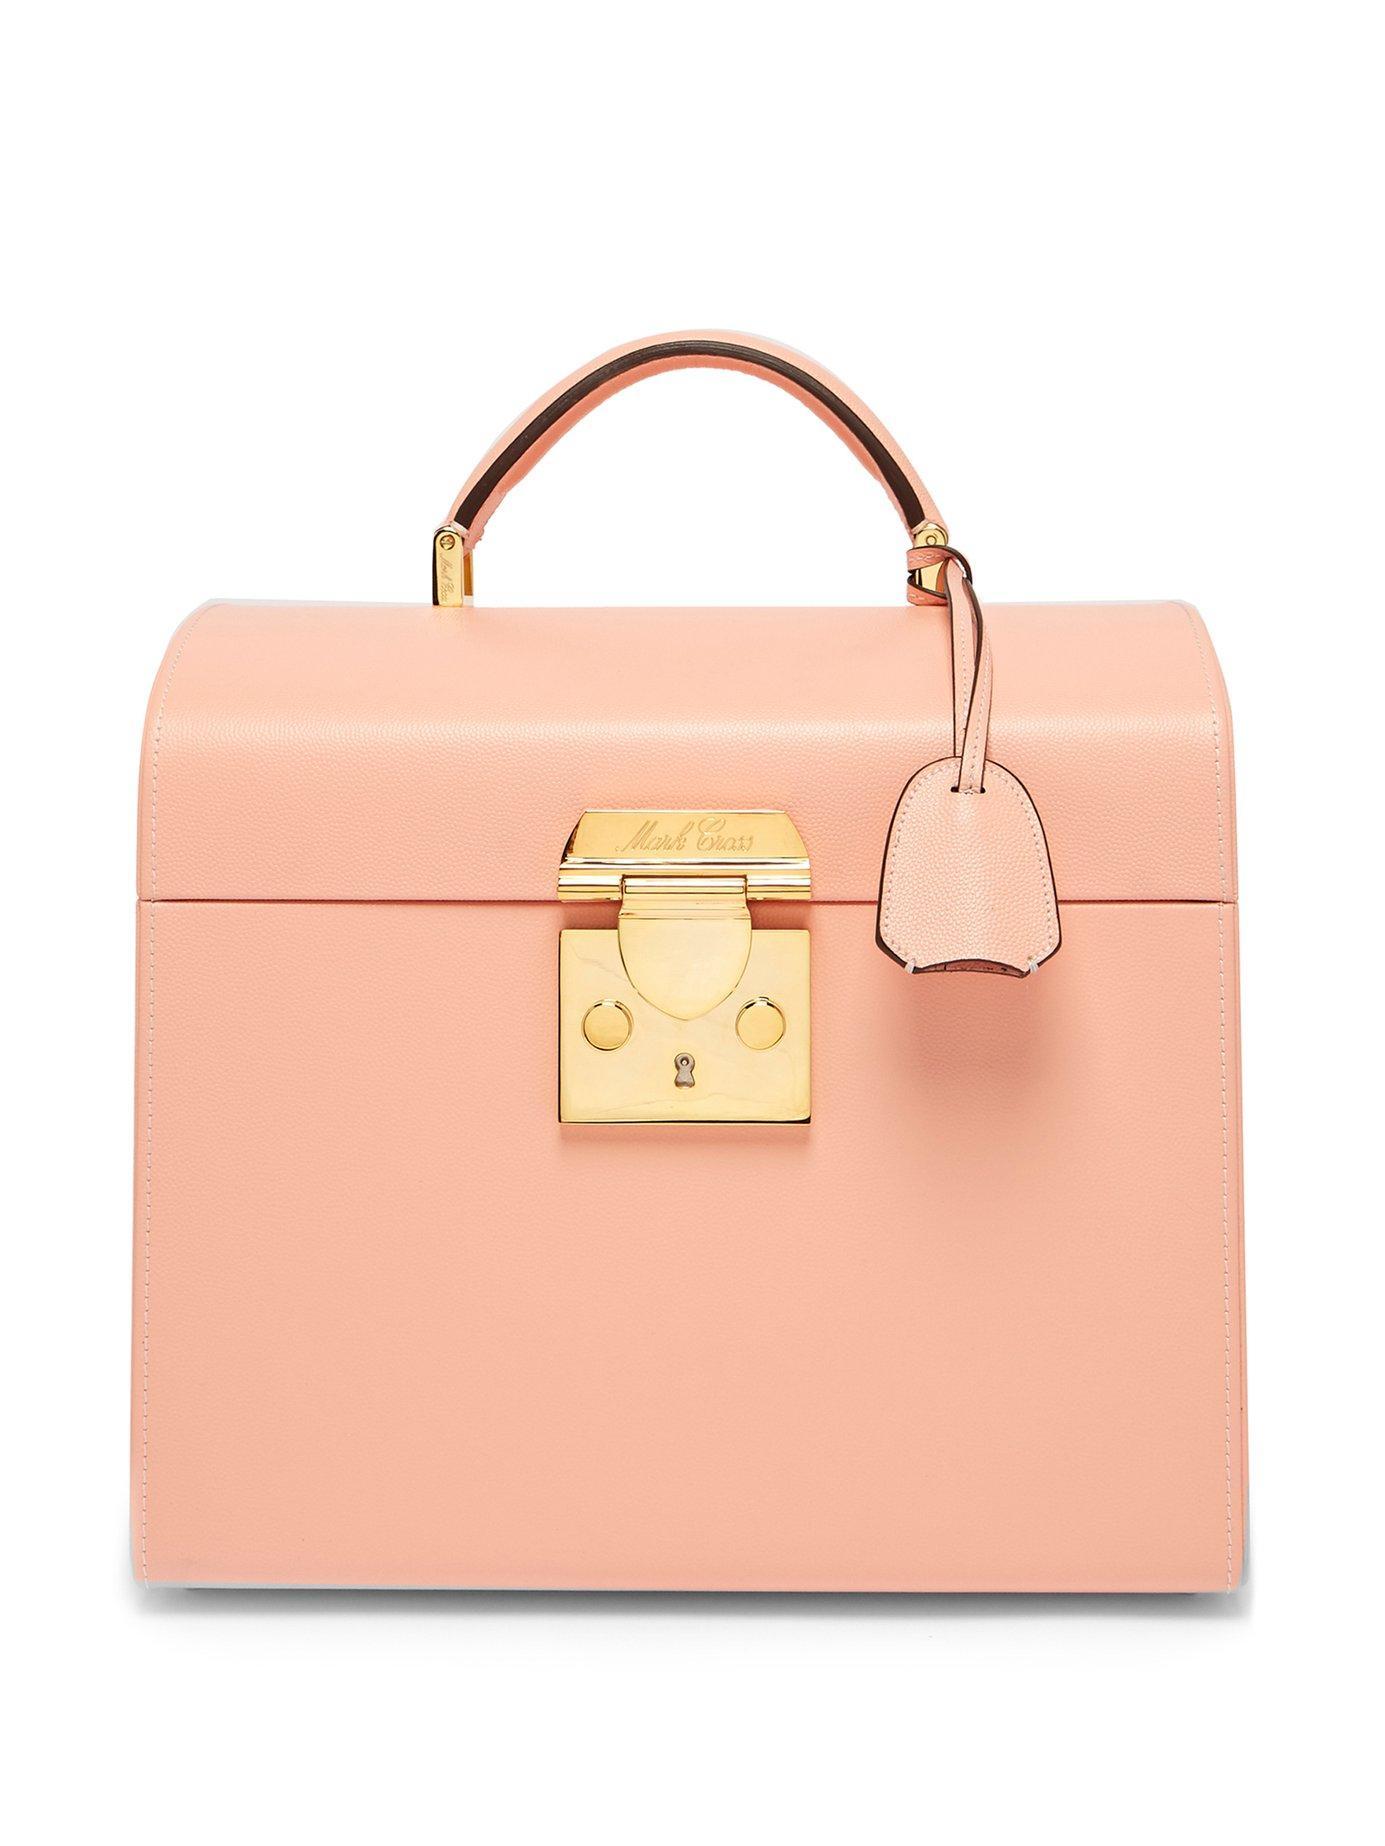 541926ad7c4 Shop Women Bags On Sale | ModeSens